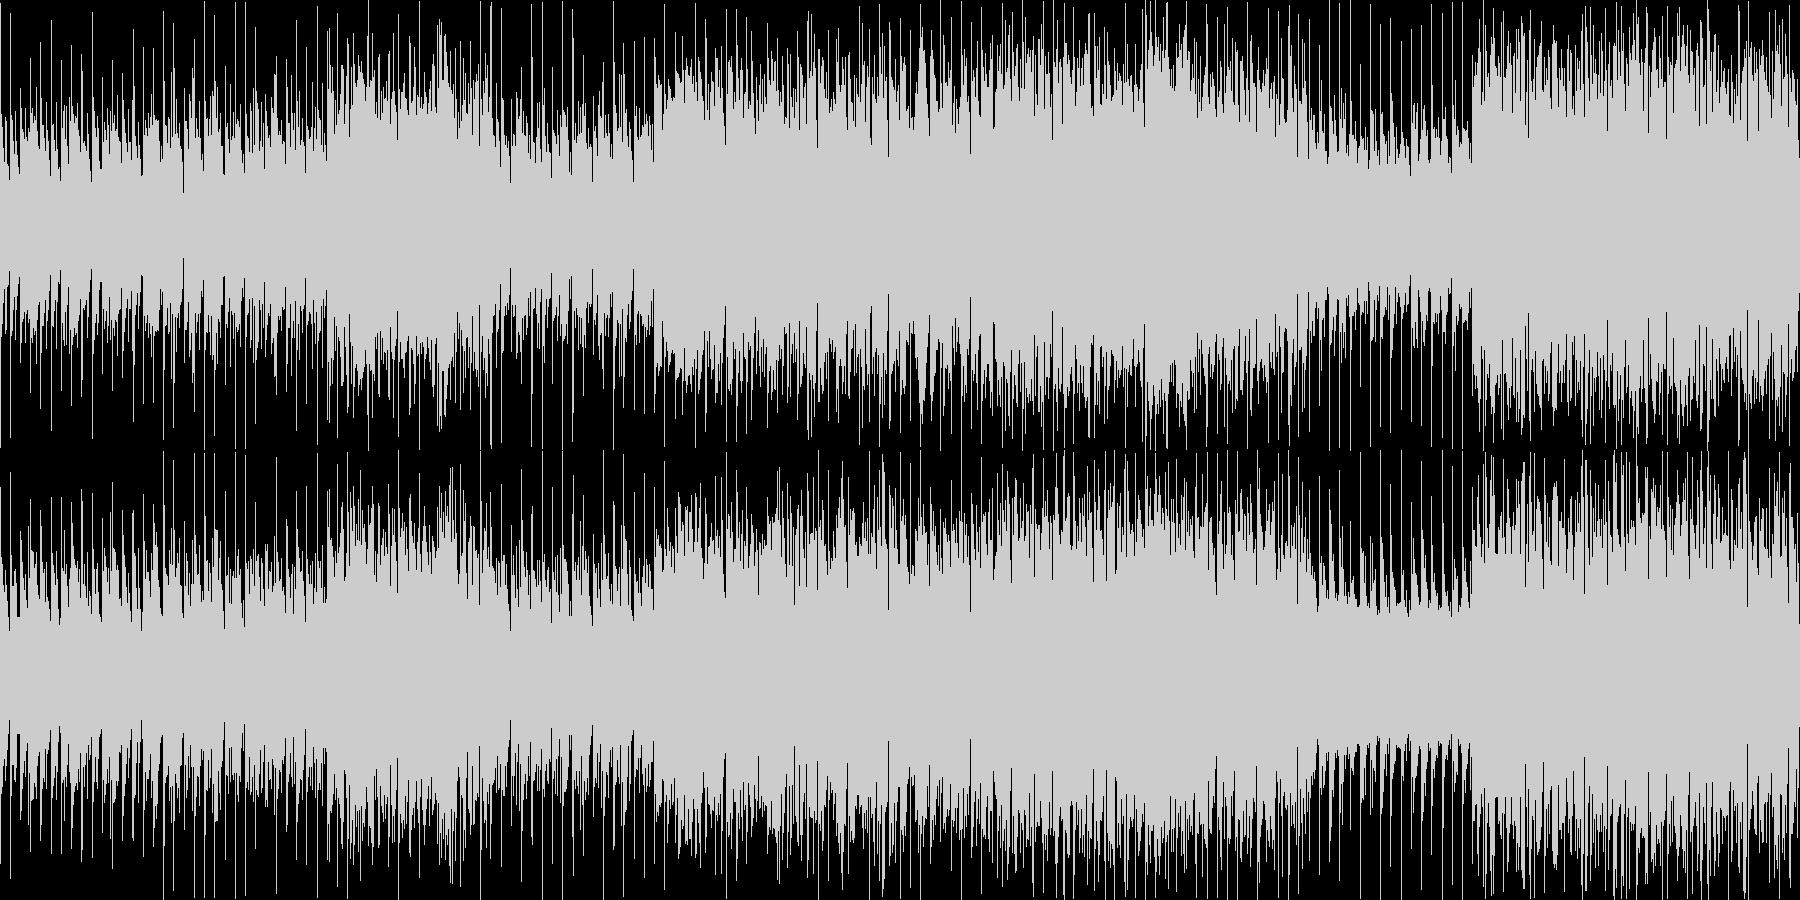 【ループ用】ダンジョン等、ゲームBGMの未再生の波形